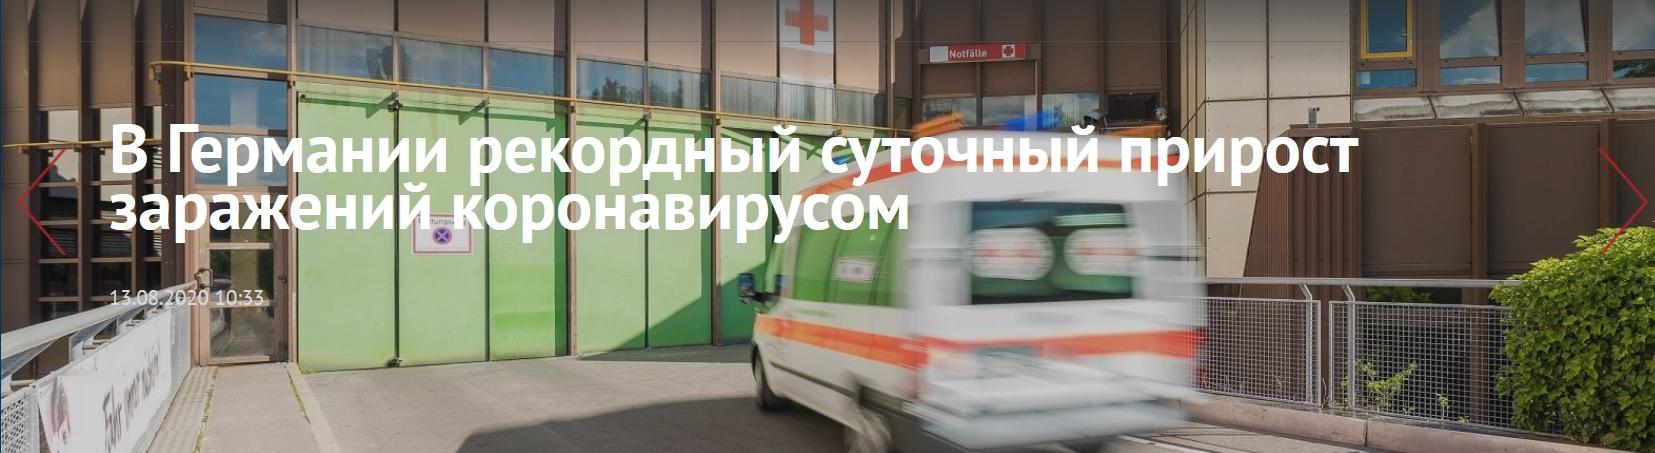 cfc3be90150b6a271ff1cd179702e107.jpg